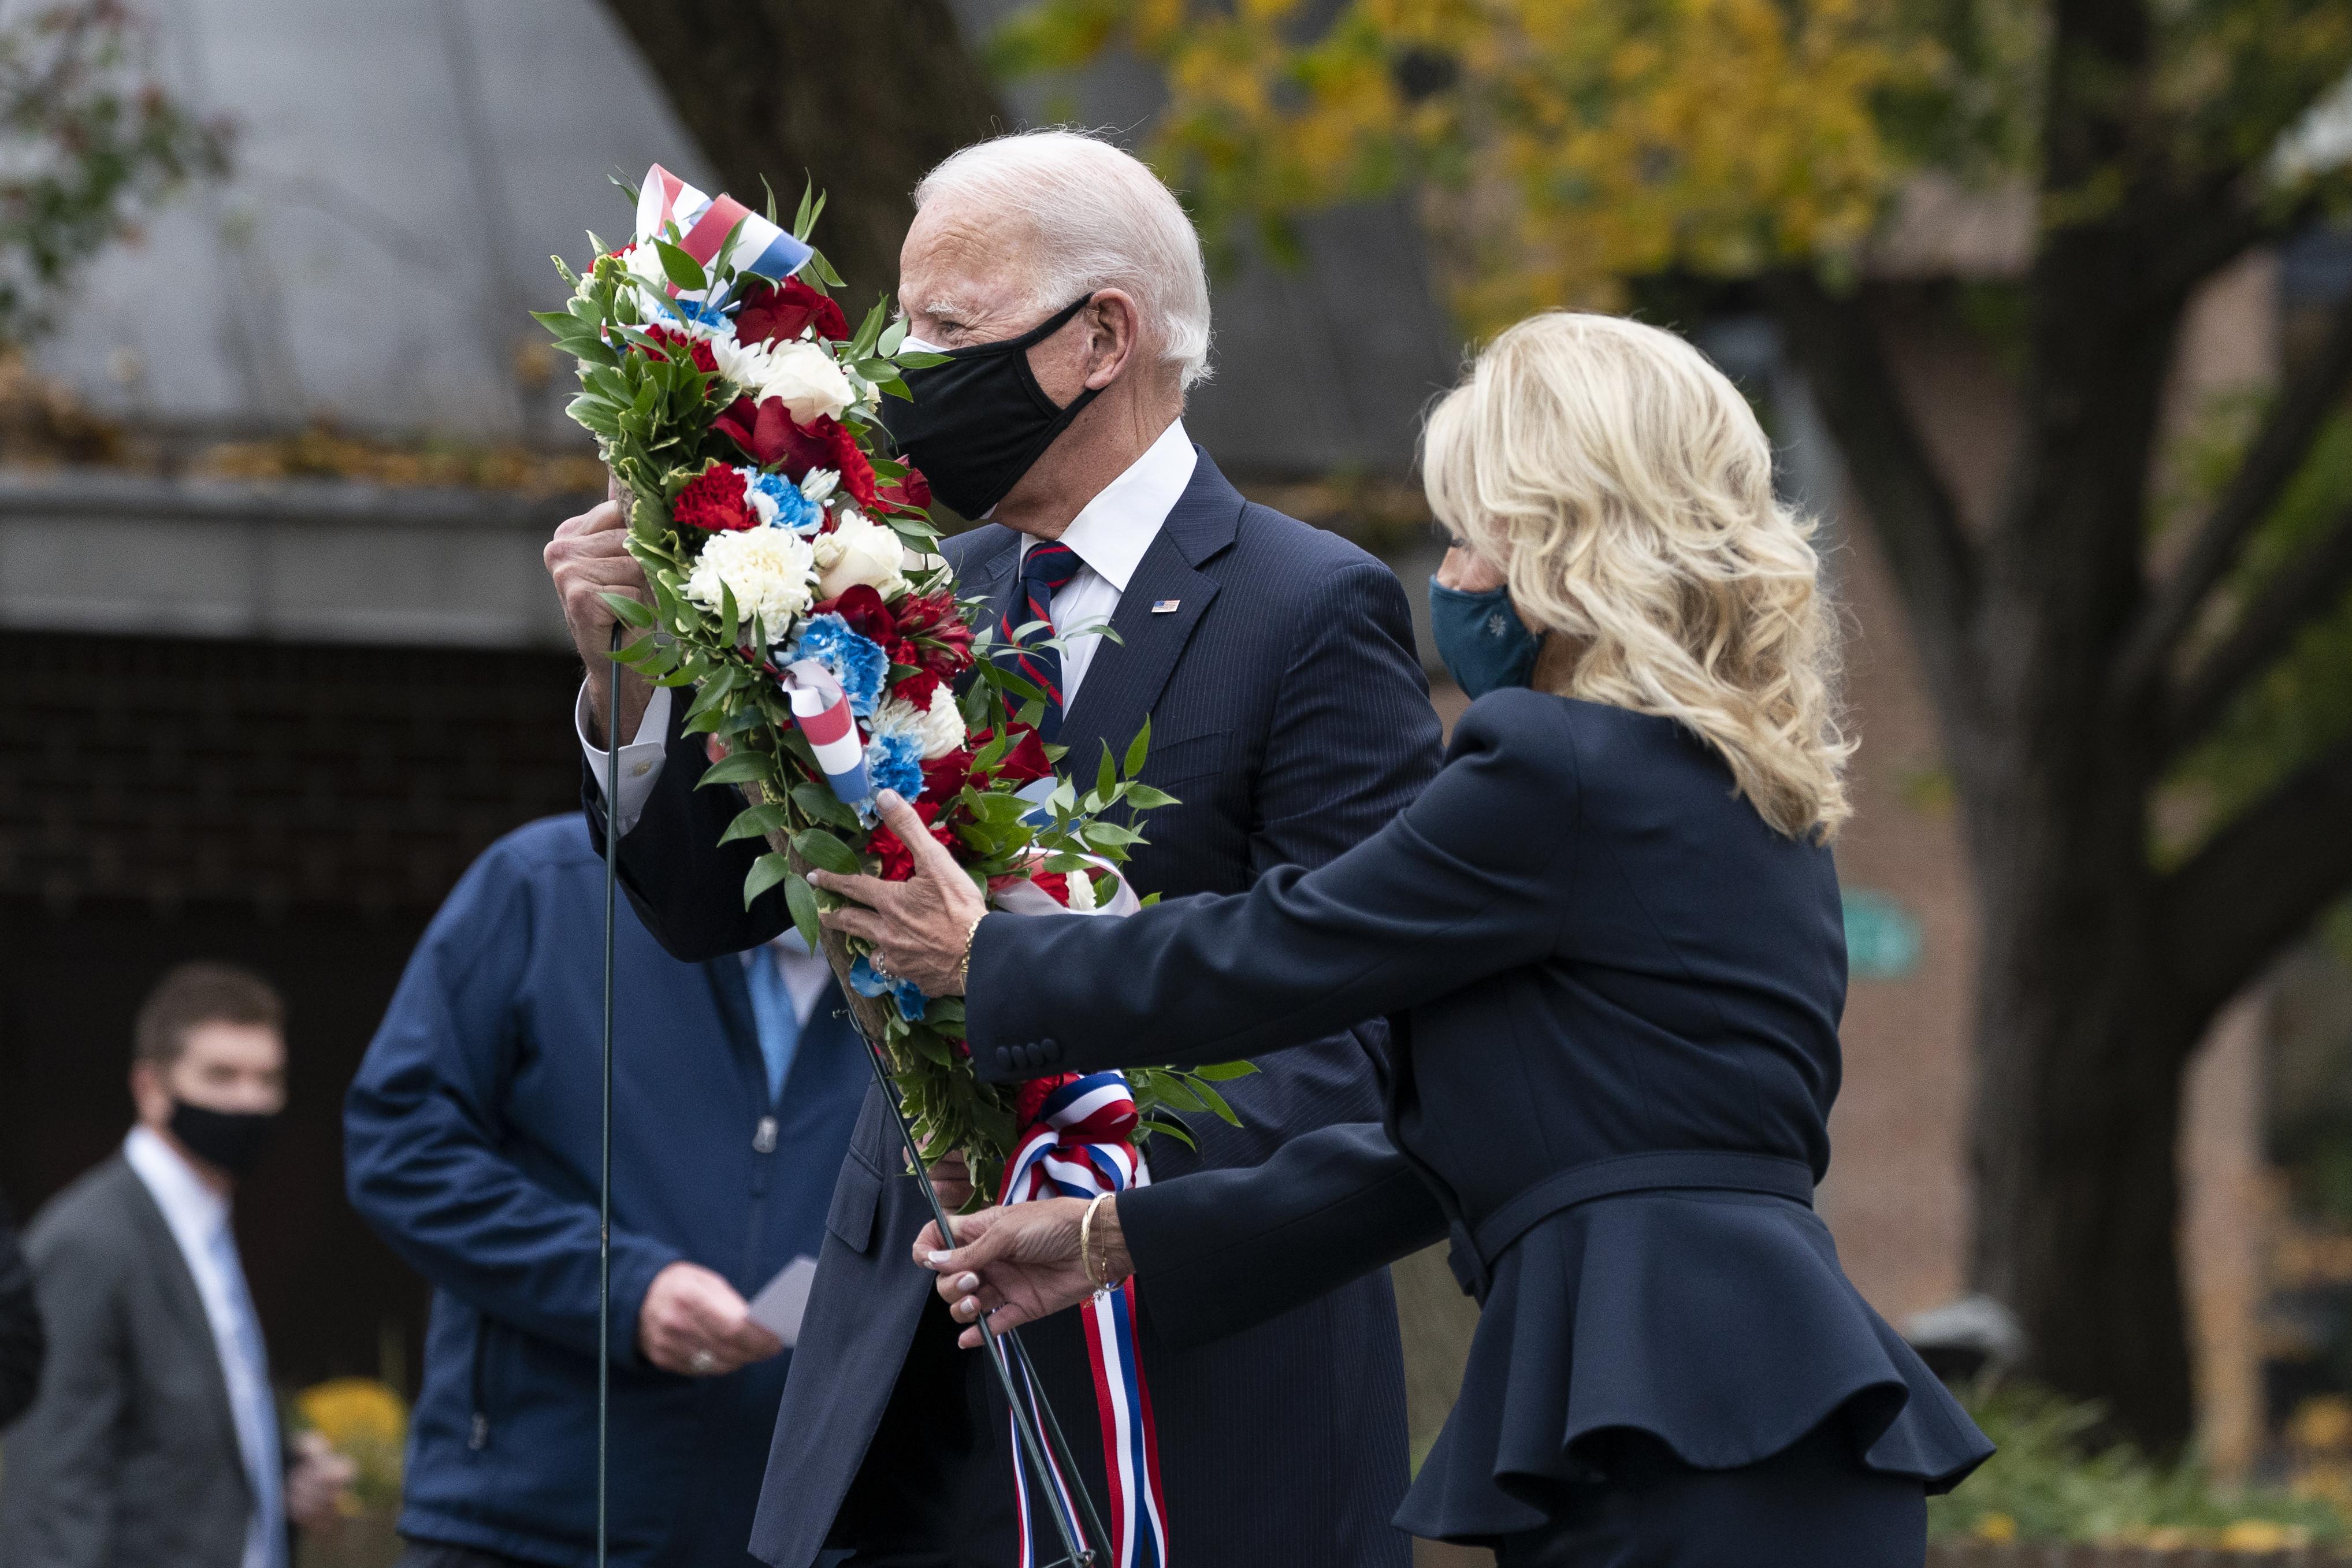 ▲▼拜登與吉爾夫人前往賓州費城韓戰紀念公園獻花。(圖/達志影像/美聯社)